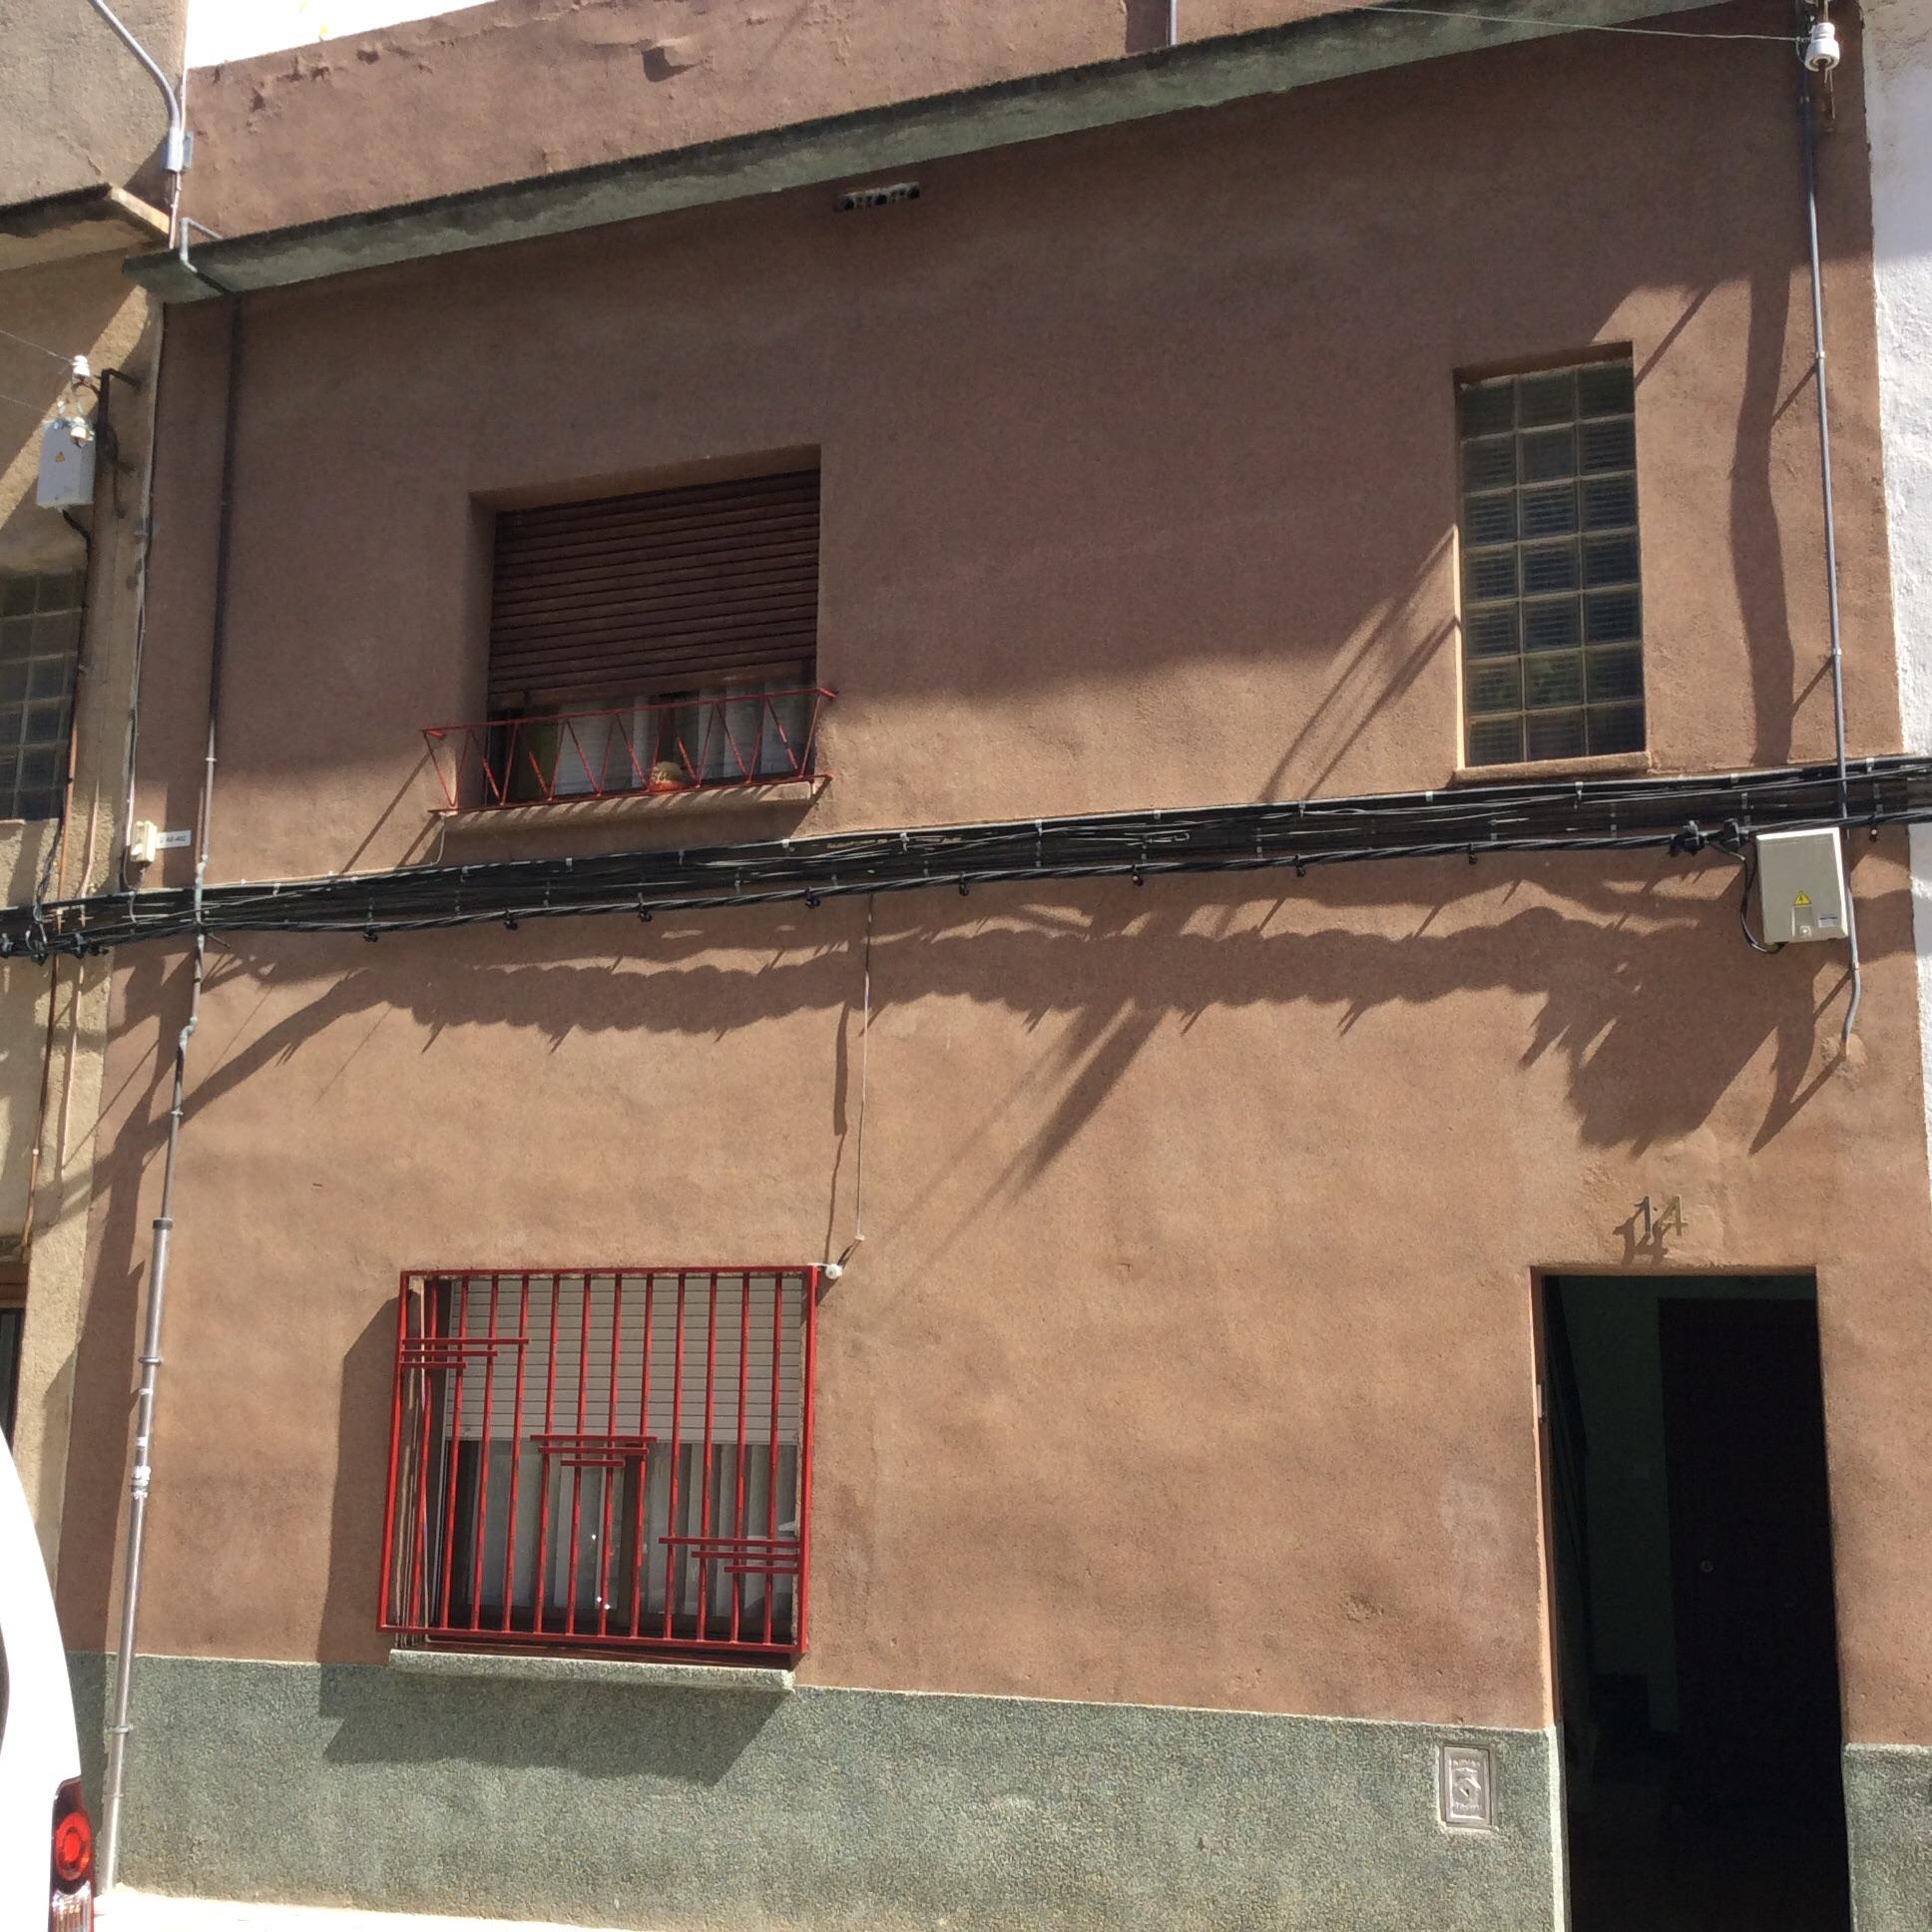 Piso en venta en Can Soberano, Premià de Dalt, Barcelona, Calle Arago, 154.000 €, 3 habitaciones, 1 baño, 75 m2